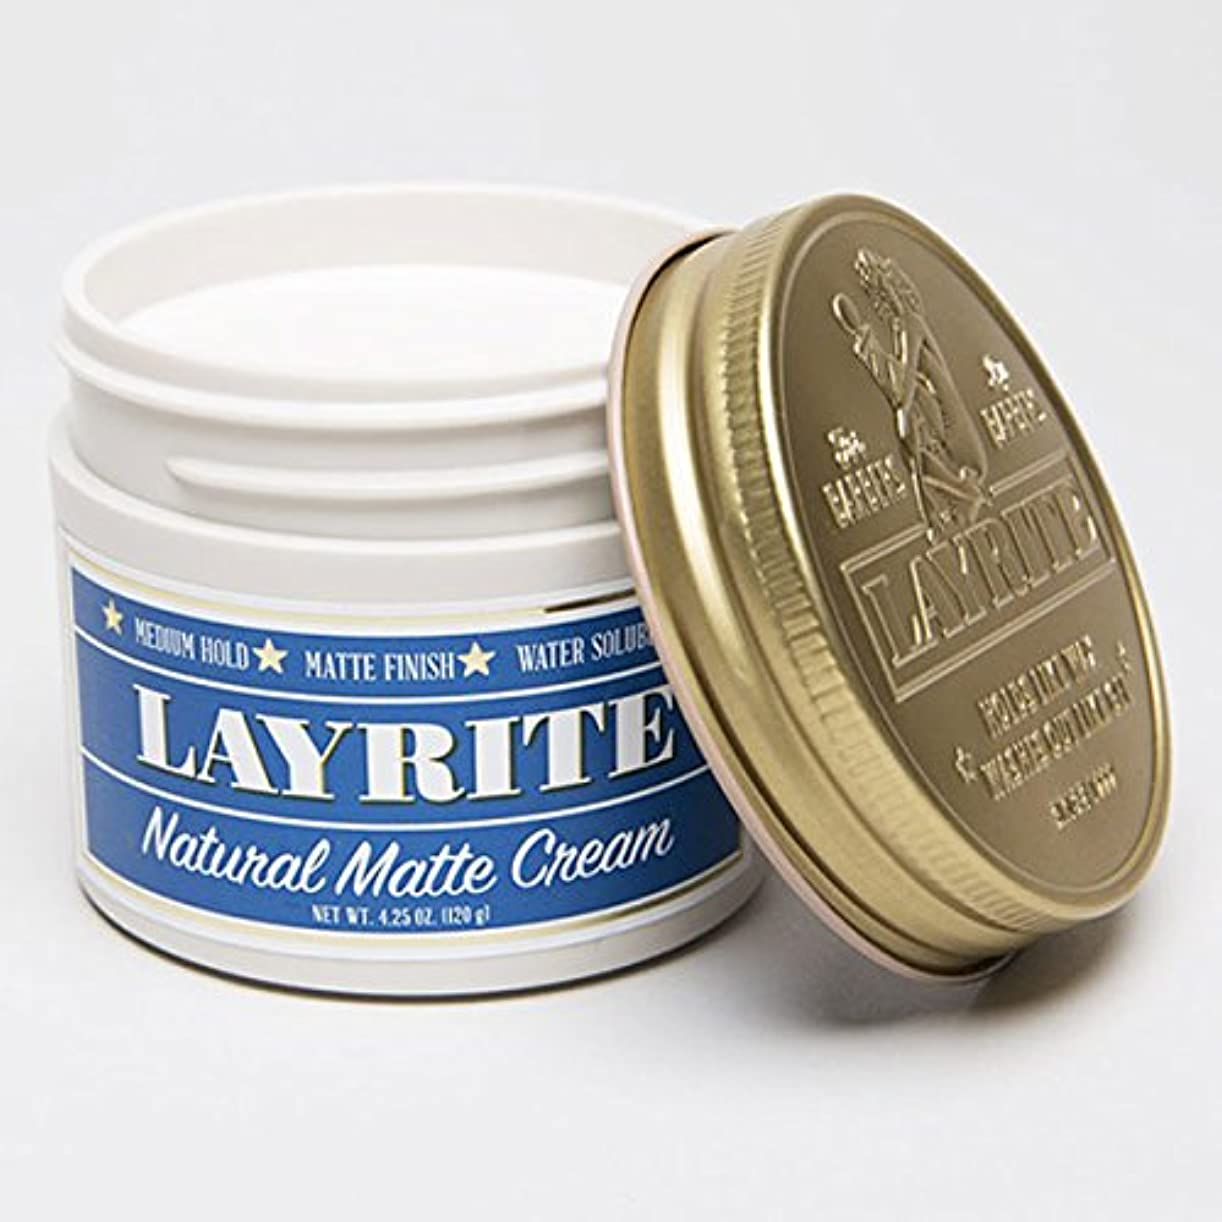 なので回転するミントLAYRITE レイライト 【Natural Matte Cream Pomade】 水性ポマード ミディアムホールド 4.25OZ(約120G)